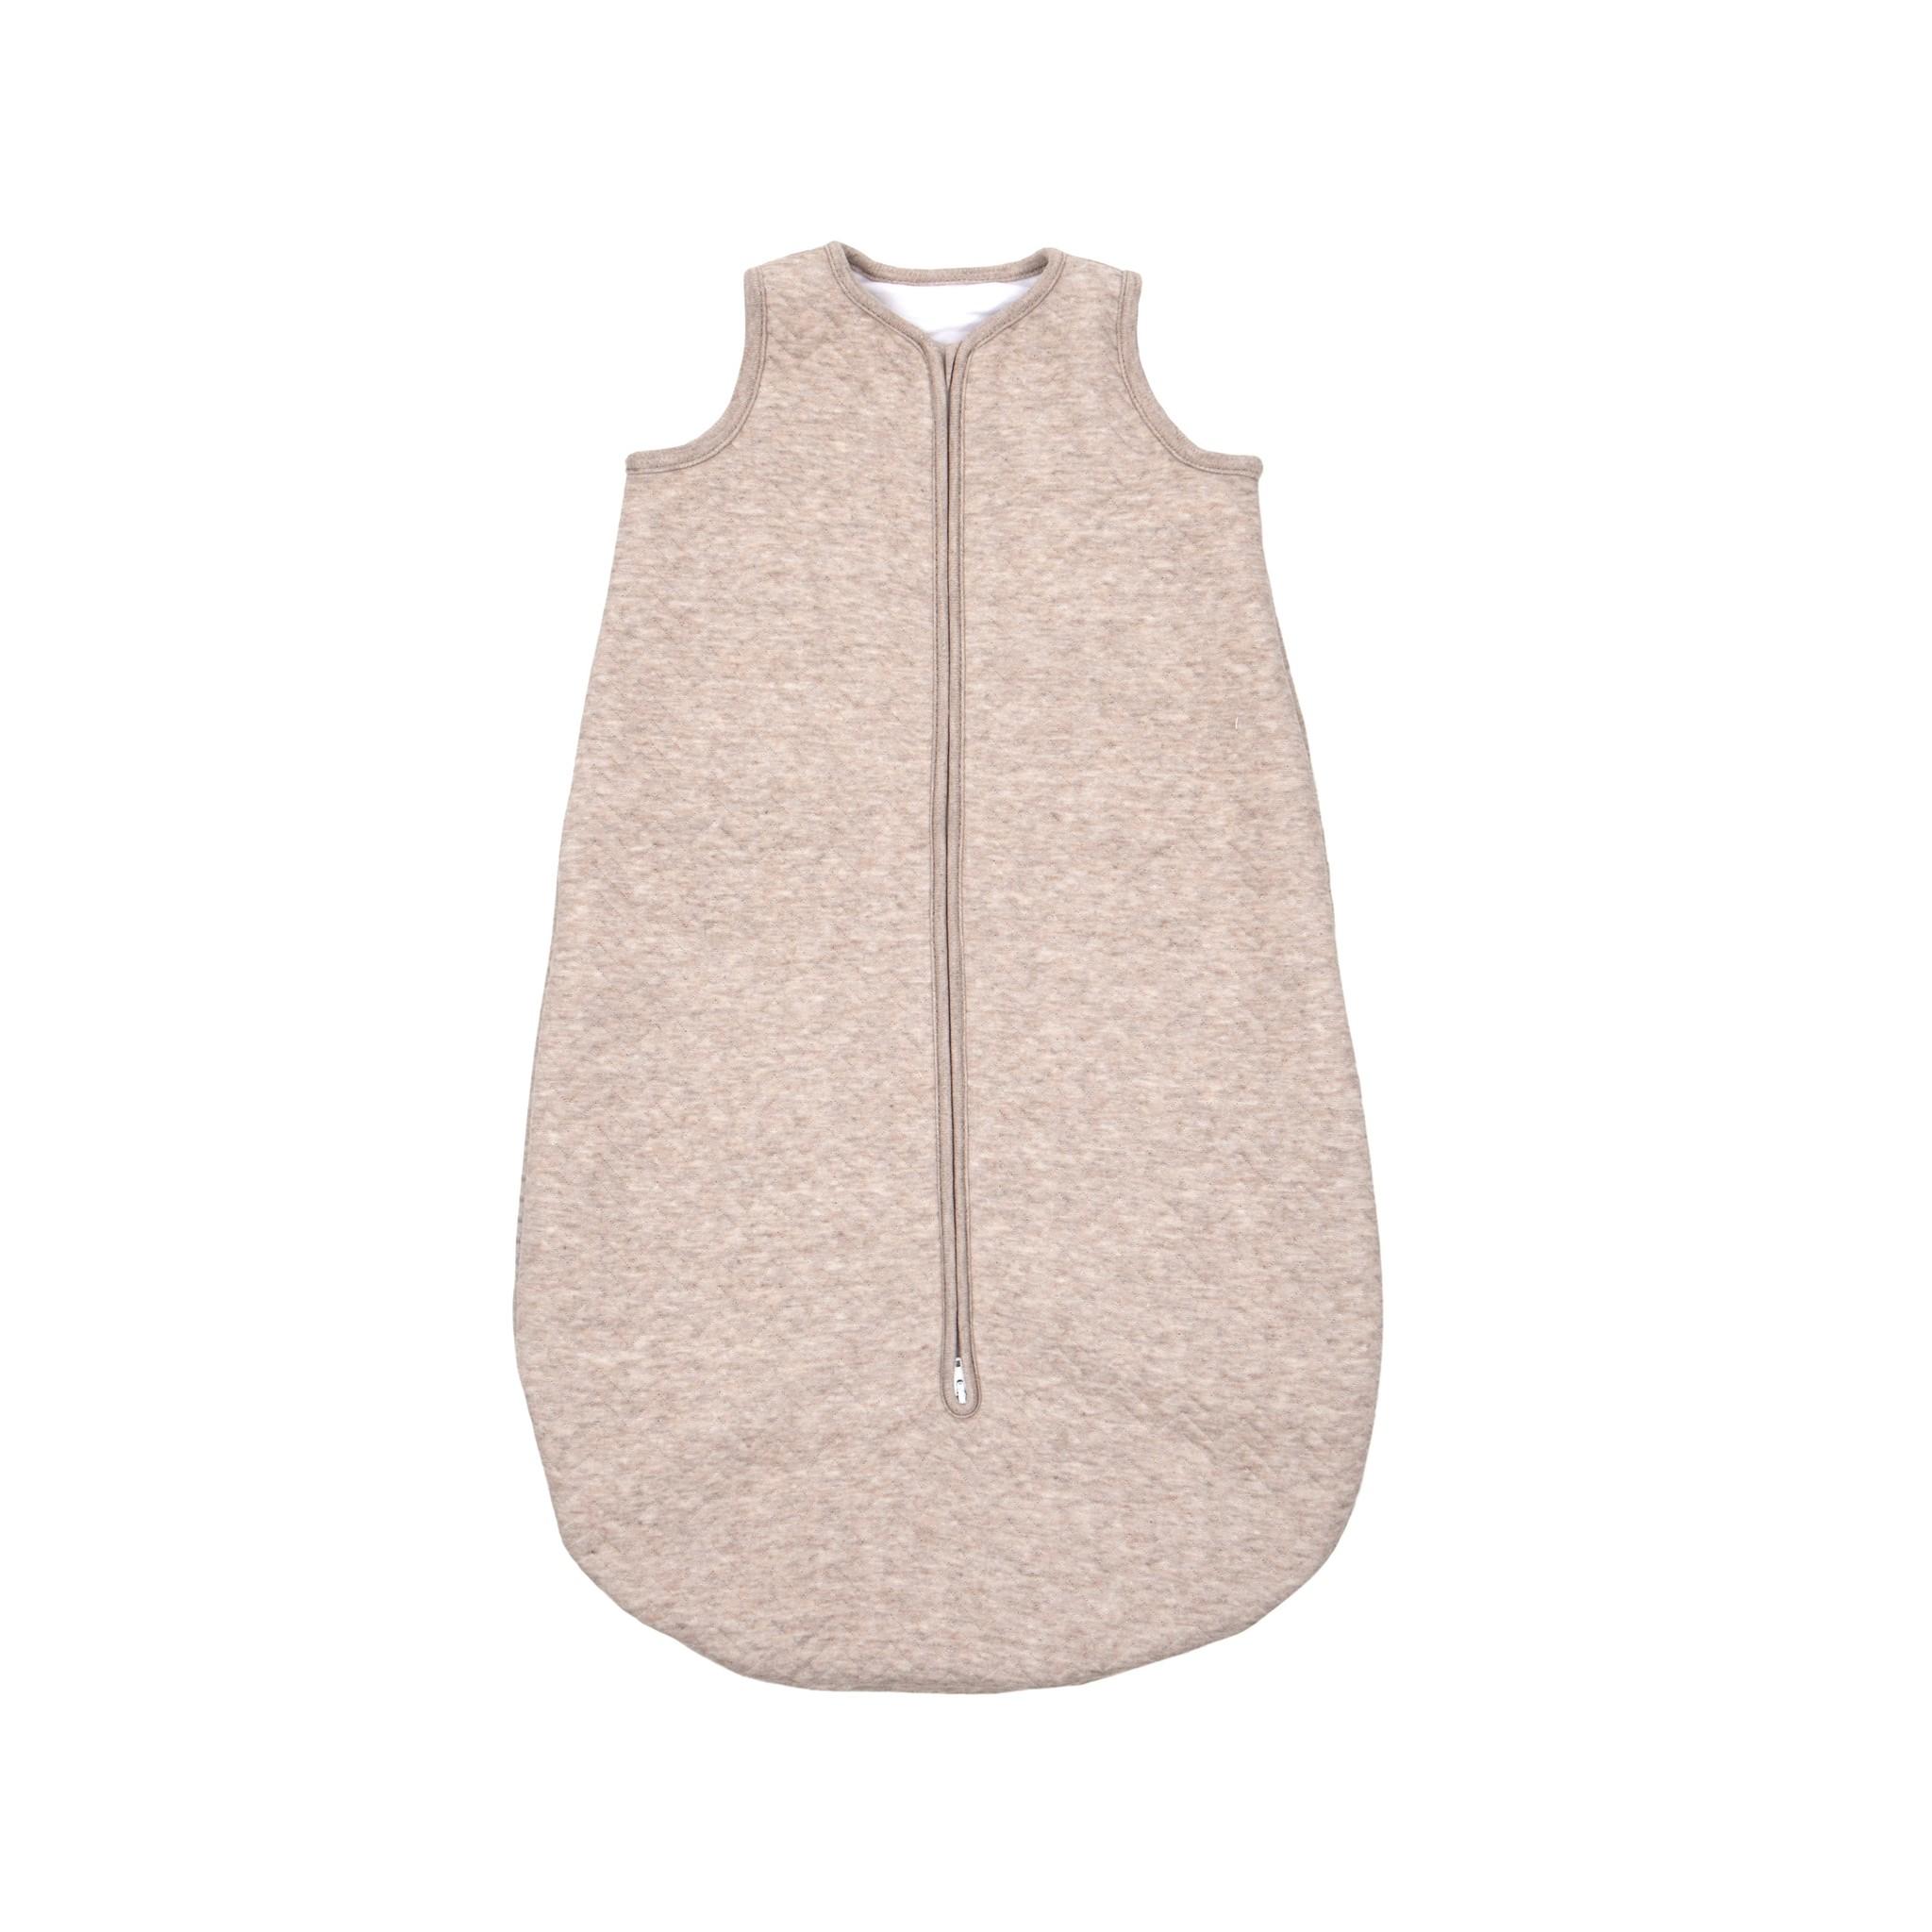 Sac de couchage en jersey 70cm Été Chevron Light Camel-1